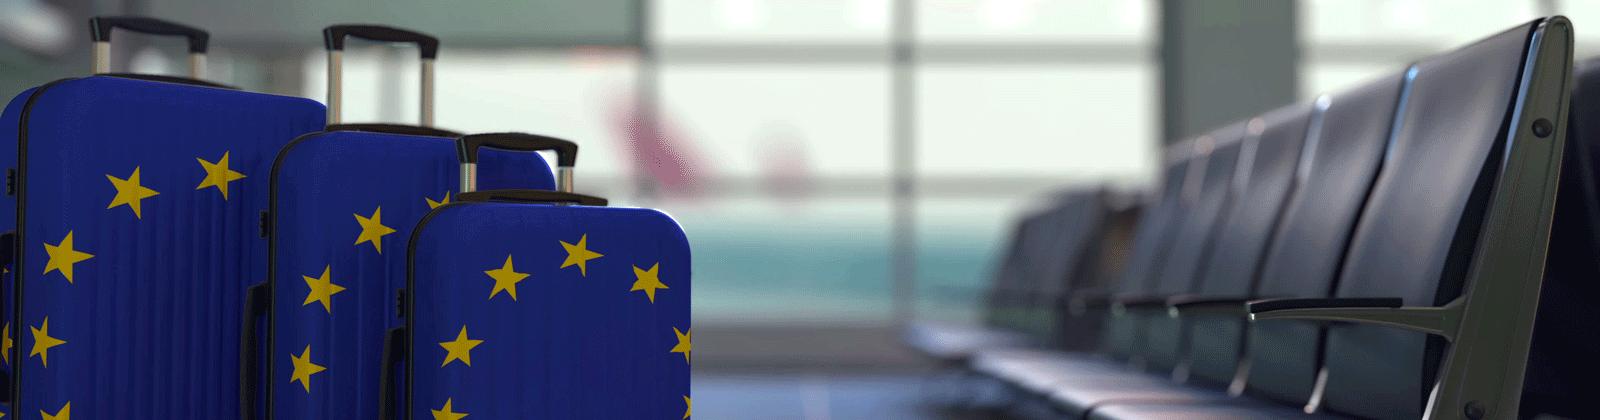 Tips voor een medische reisverzekering Schengenvisum